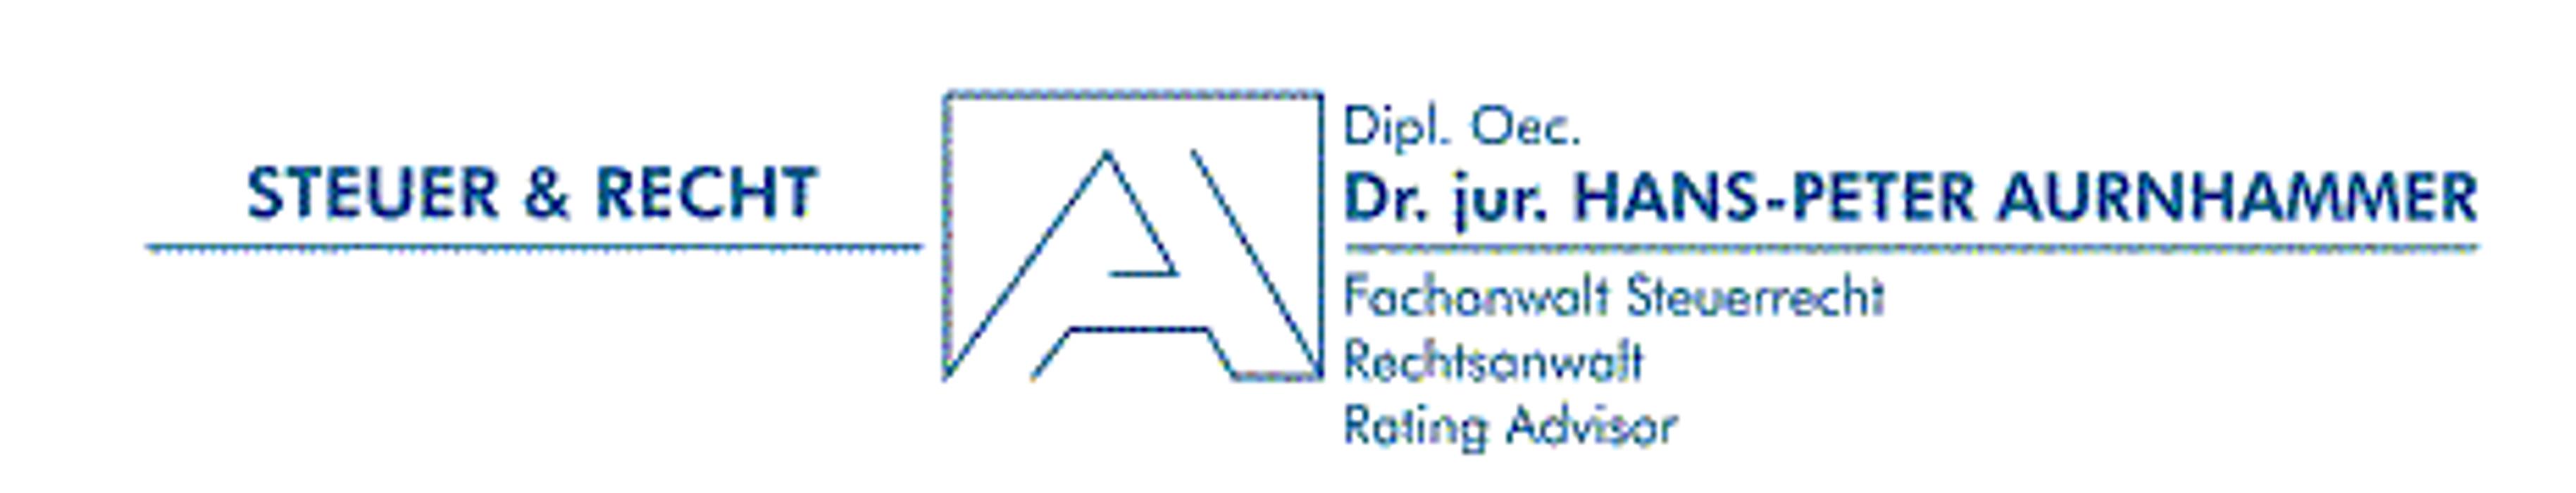 Bild zu Dipl.Oec. Dr. jur. Hans-Peter Aurnhammer in Wemding